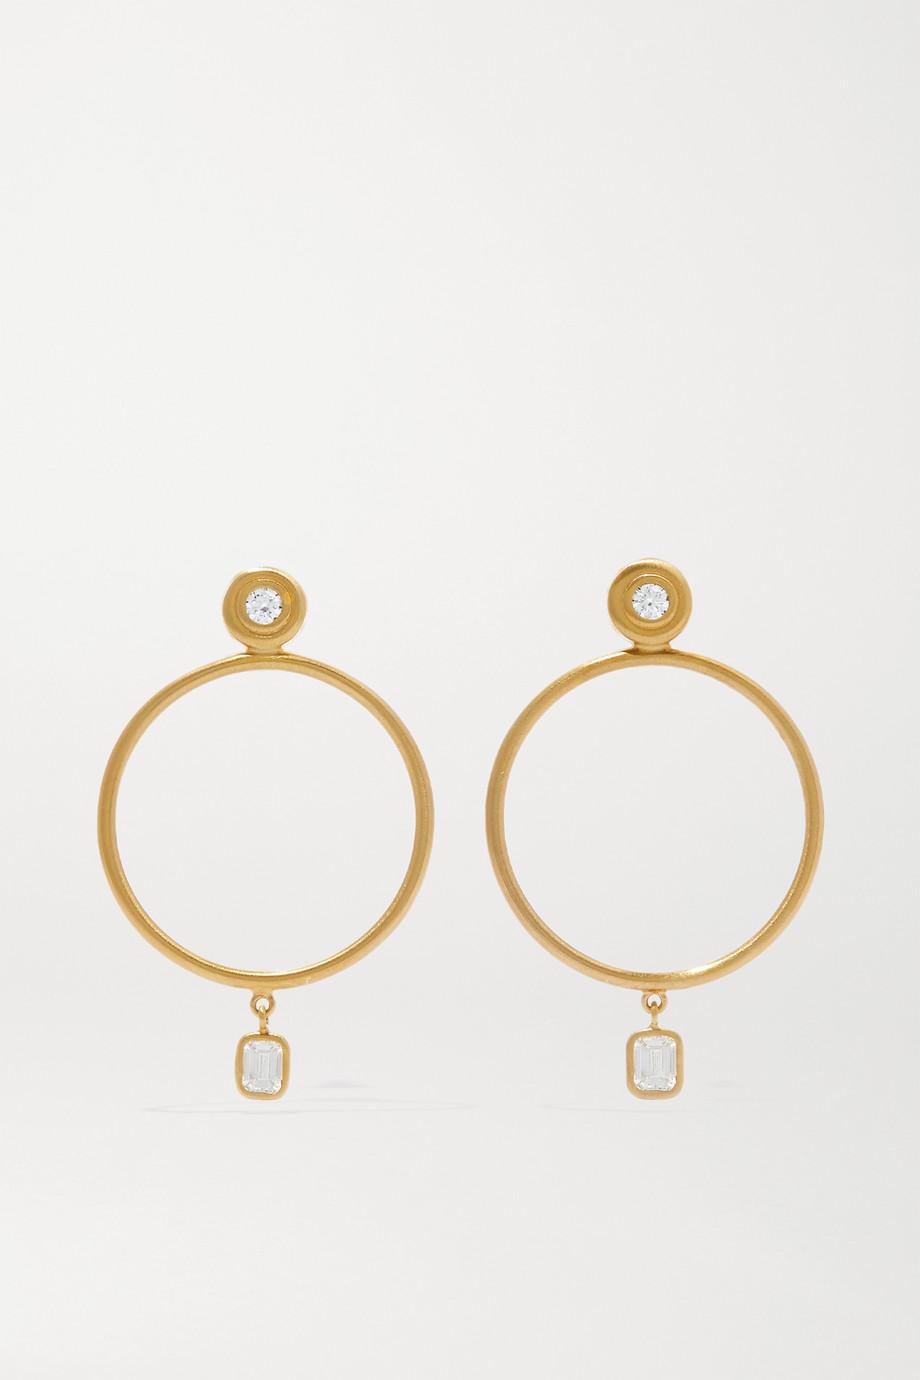 Octavia Elizabeth + NET SUSTAIN Sanded 18-karat gold diamond hoop earrings